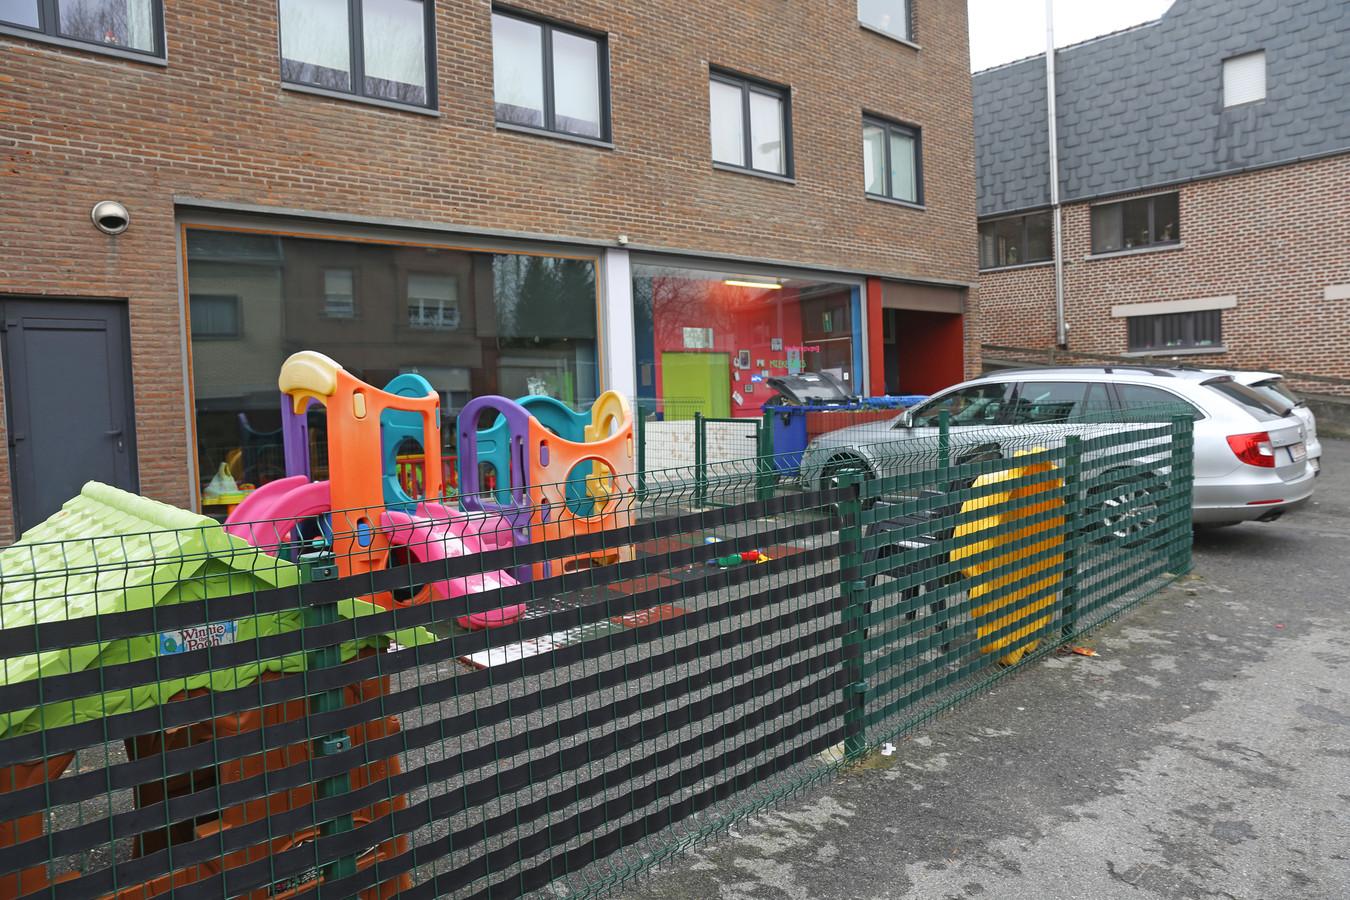 Kinderdagverblijf Mieke Muis in de Fosselstraat in Hekelgem sloot vandaag onverwacht de deuren.